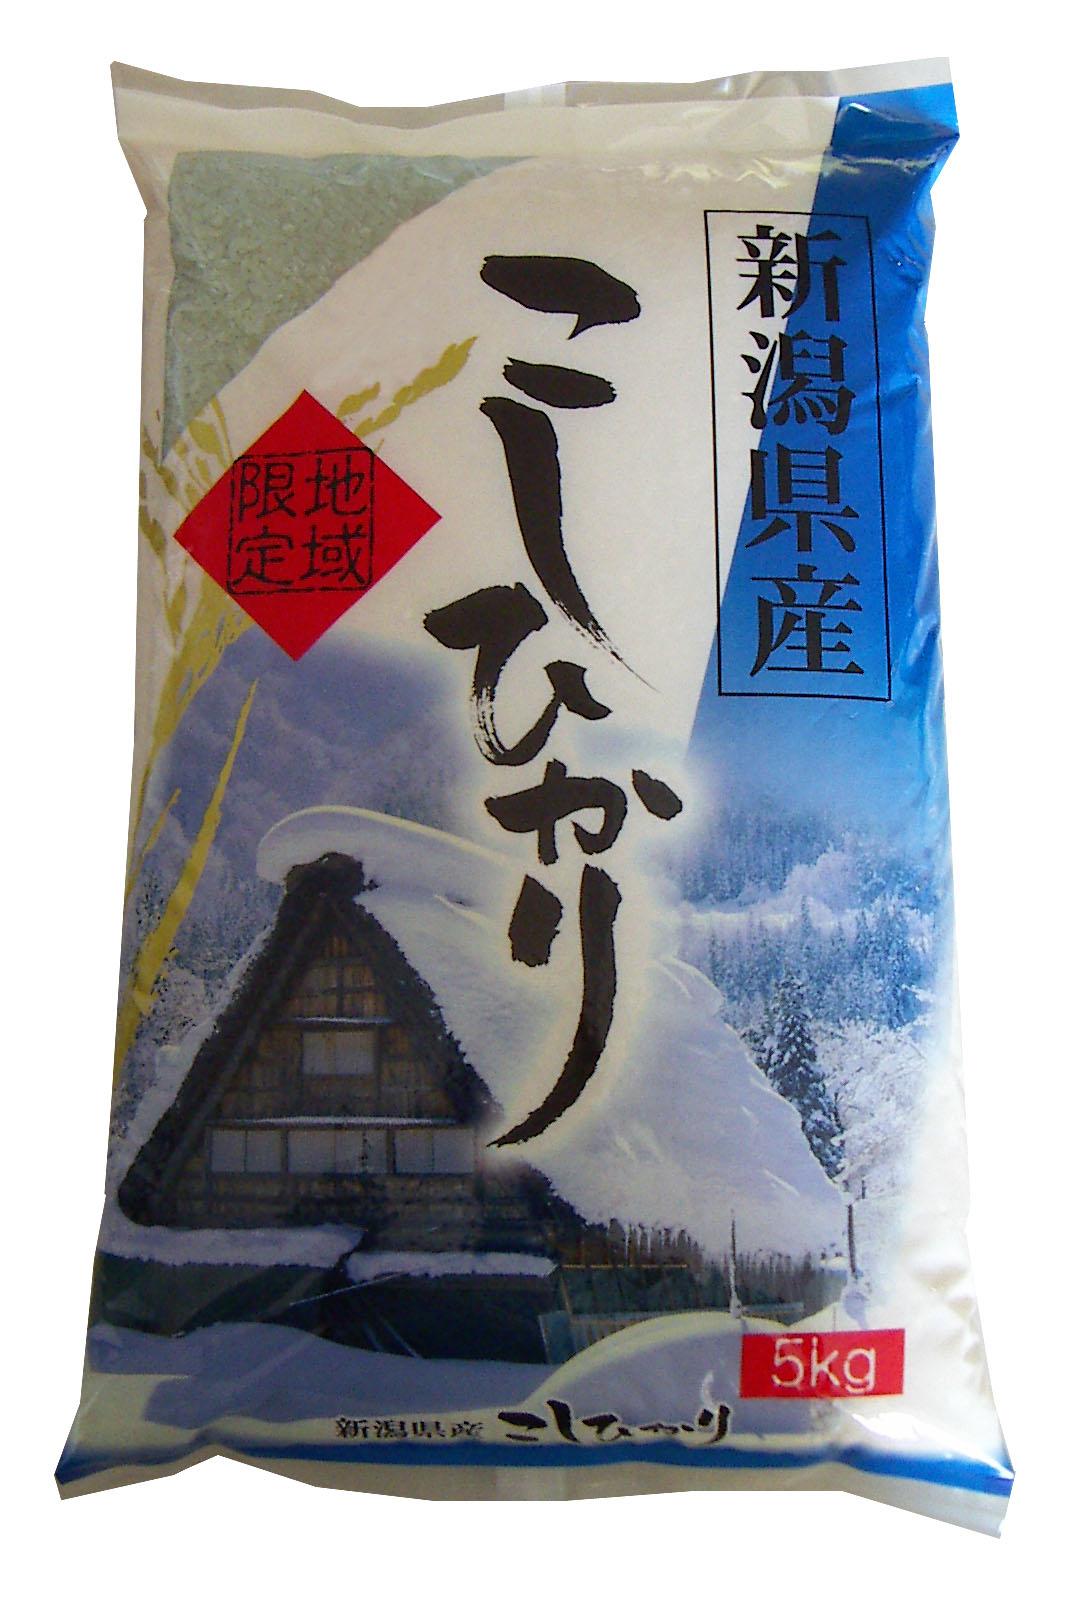 【新潟県】新潟県産コシヒカリ5kg